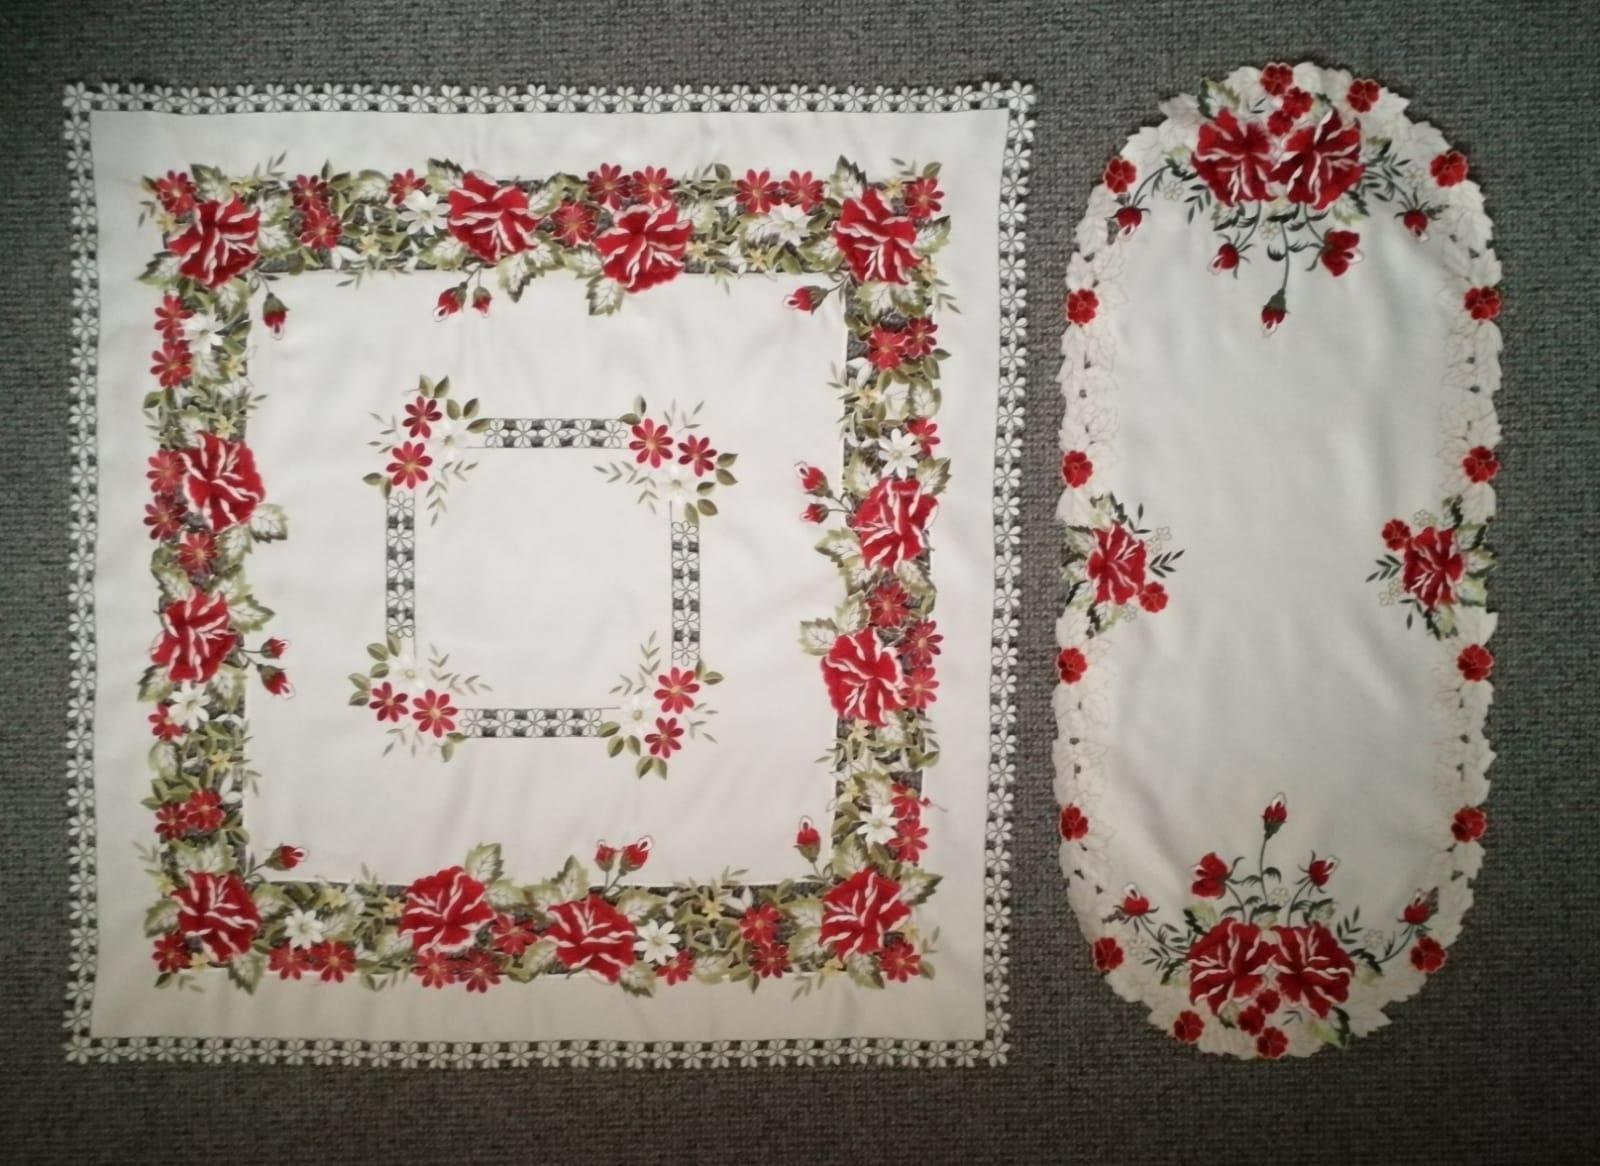 Set obrúsky s ružami 85 x 88 cm, 88 x 48 cm - Obrázok č. 1